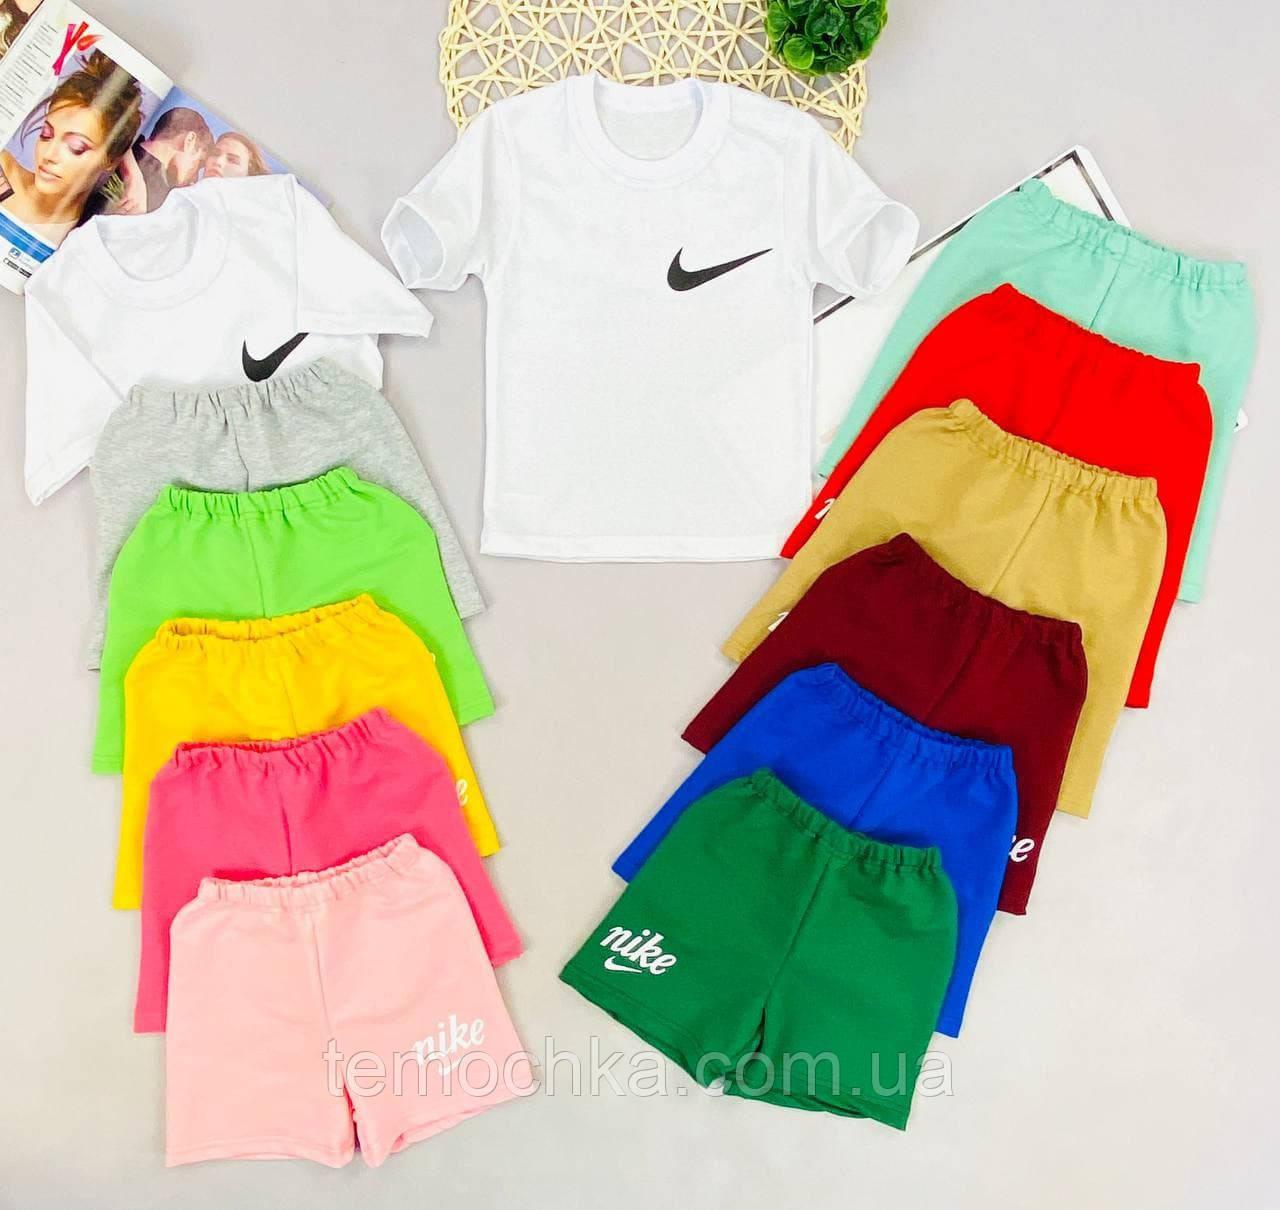 Спортивний дитячий костюм для хлопчика або дівчинки Найк